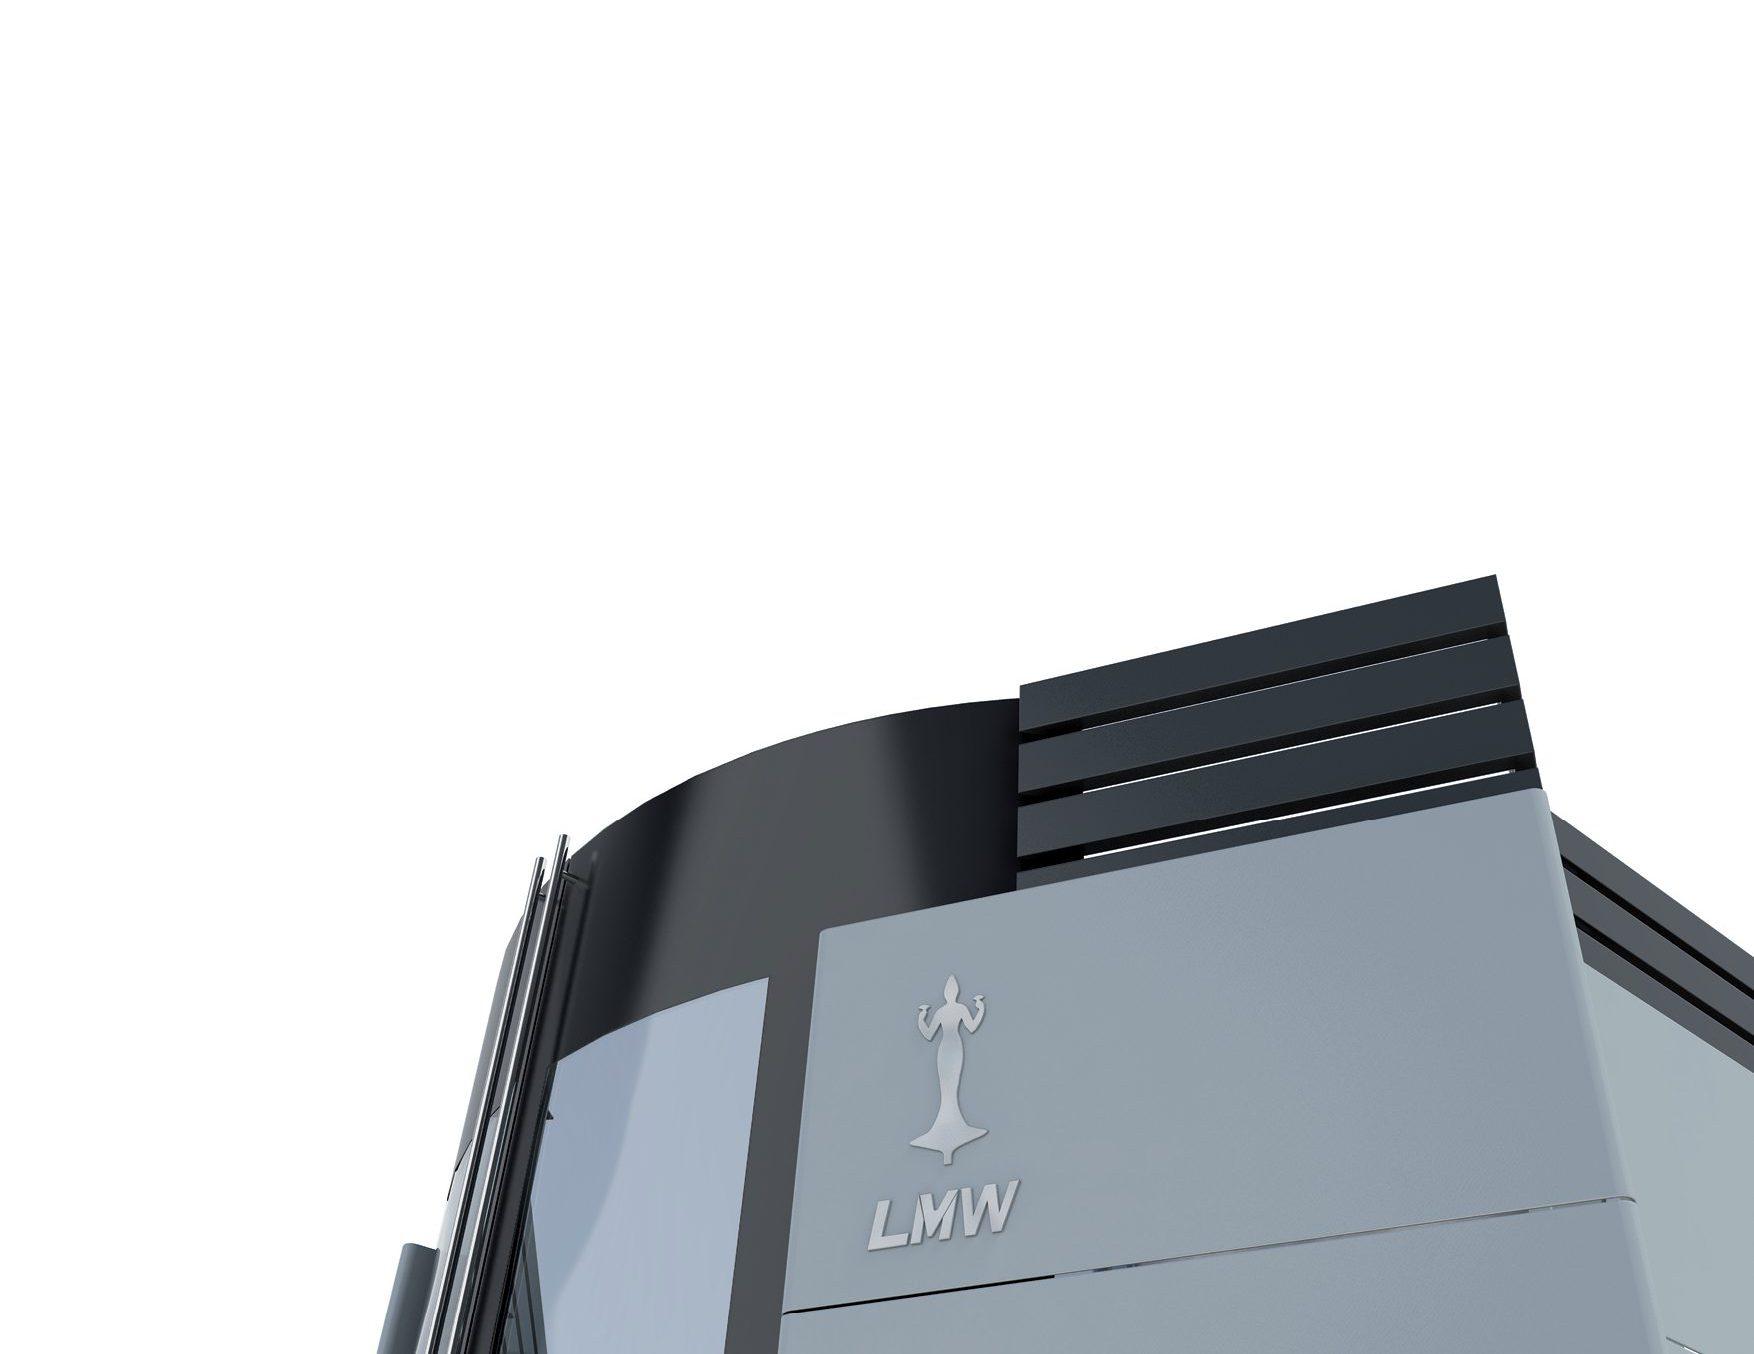 Engineering Design carrozzeria centro lavoro cnc LMV